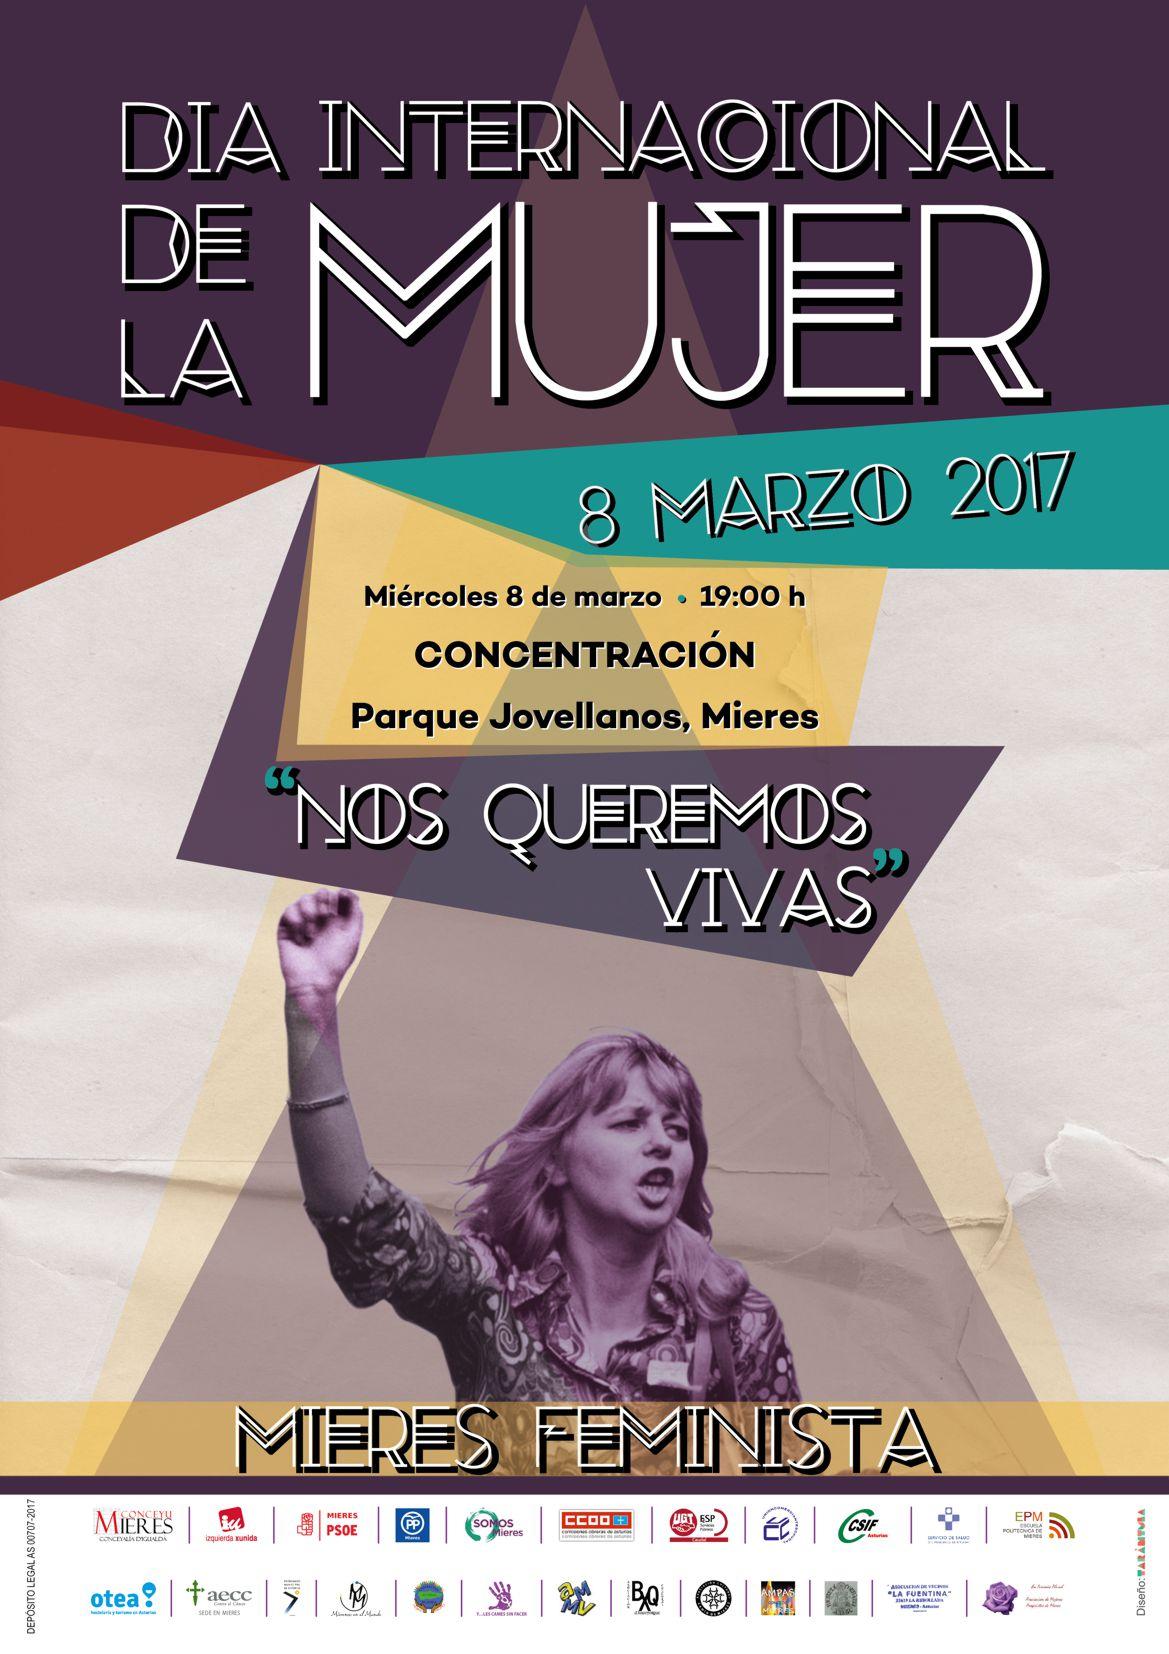 Dia Internacional de la mujer 2017_ concentración web